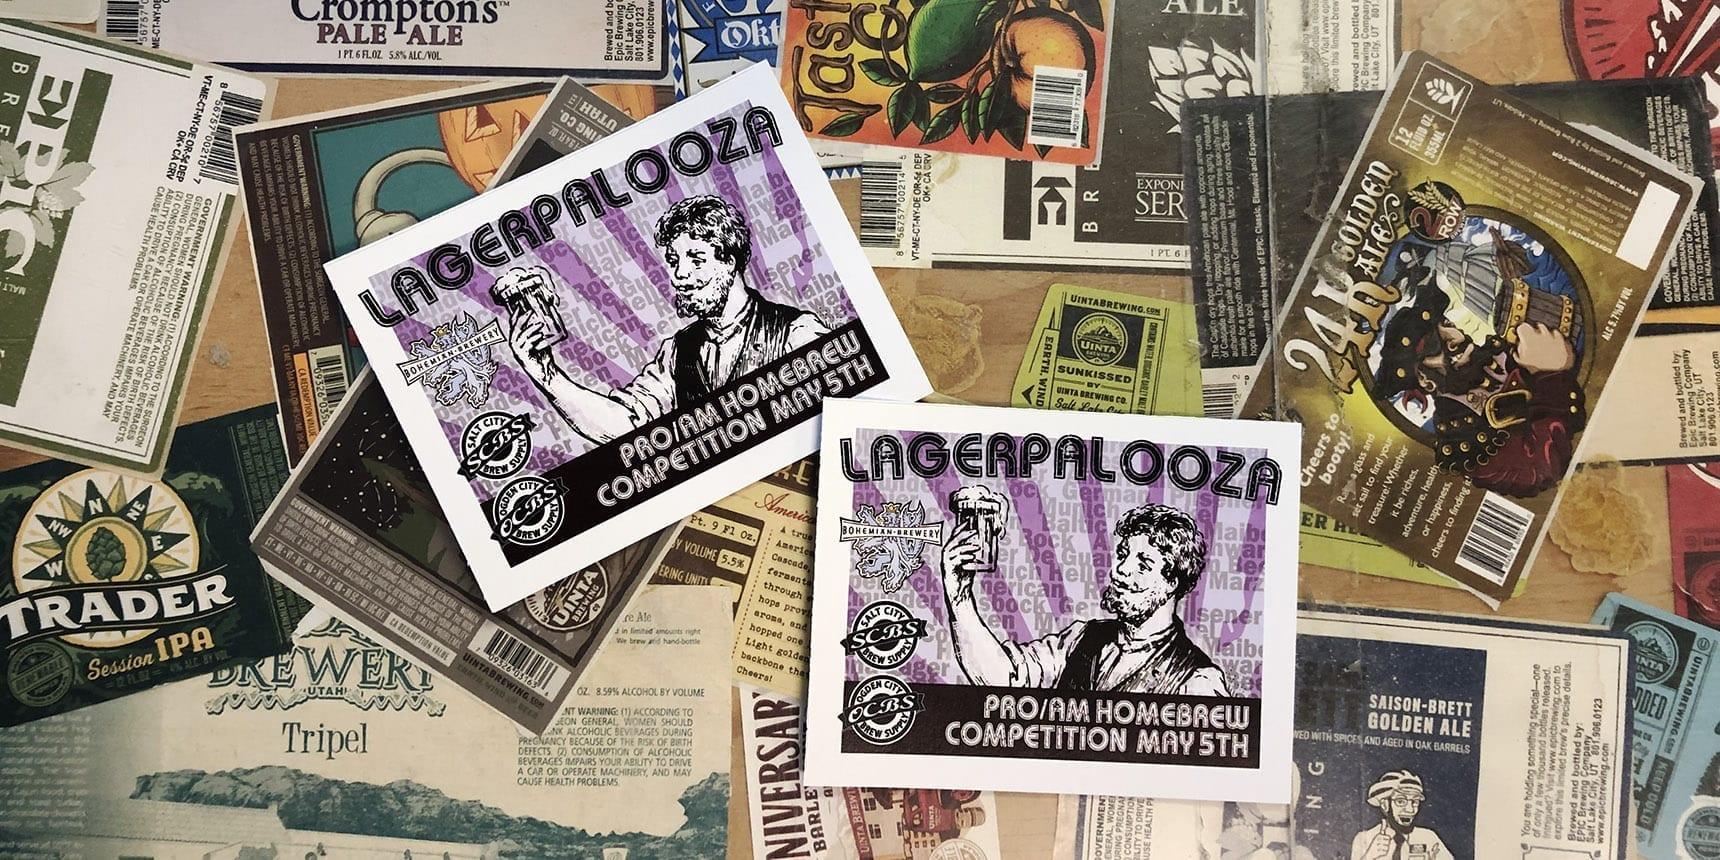 Lagerpalooza 2019 - Featured - Utah Beer News